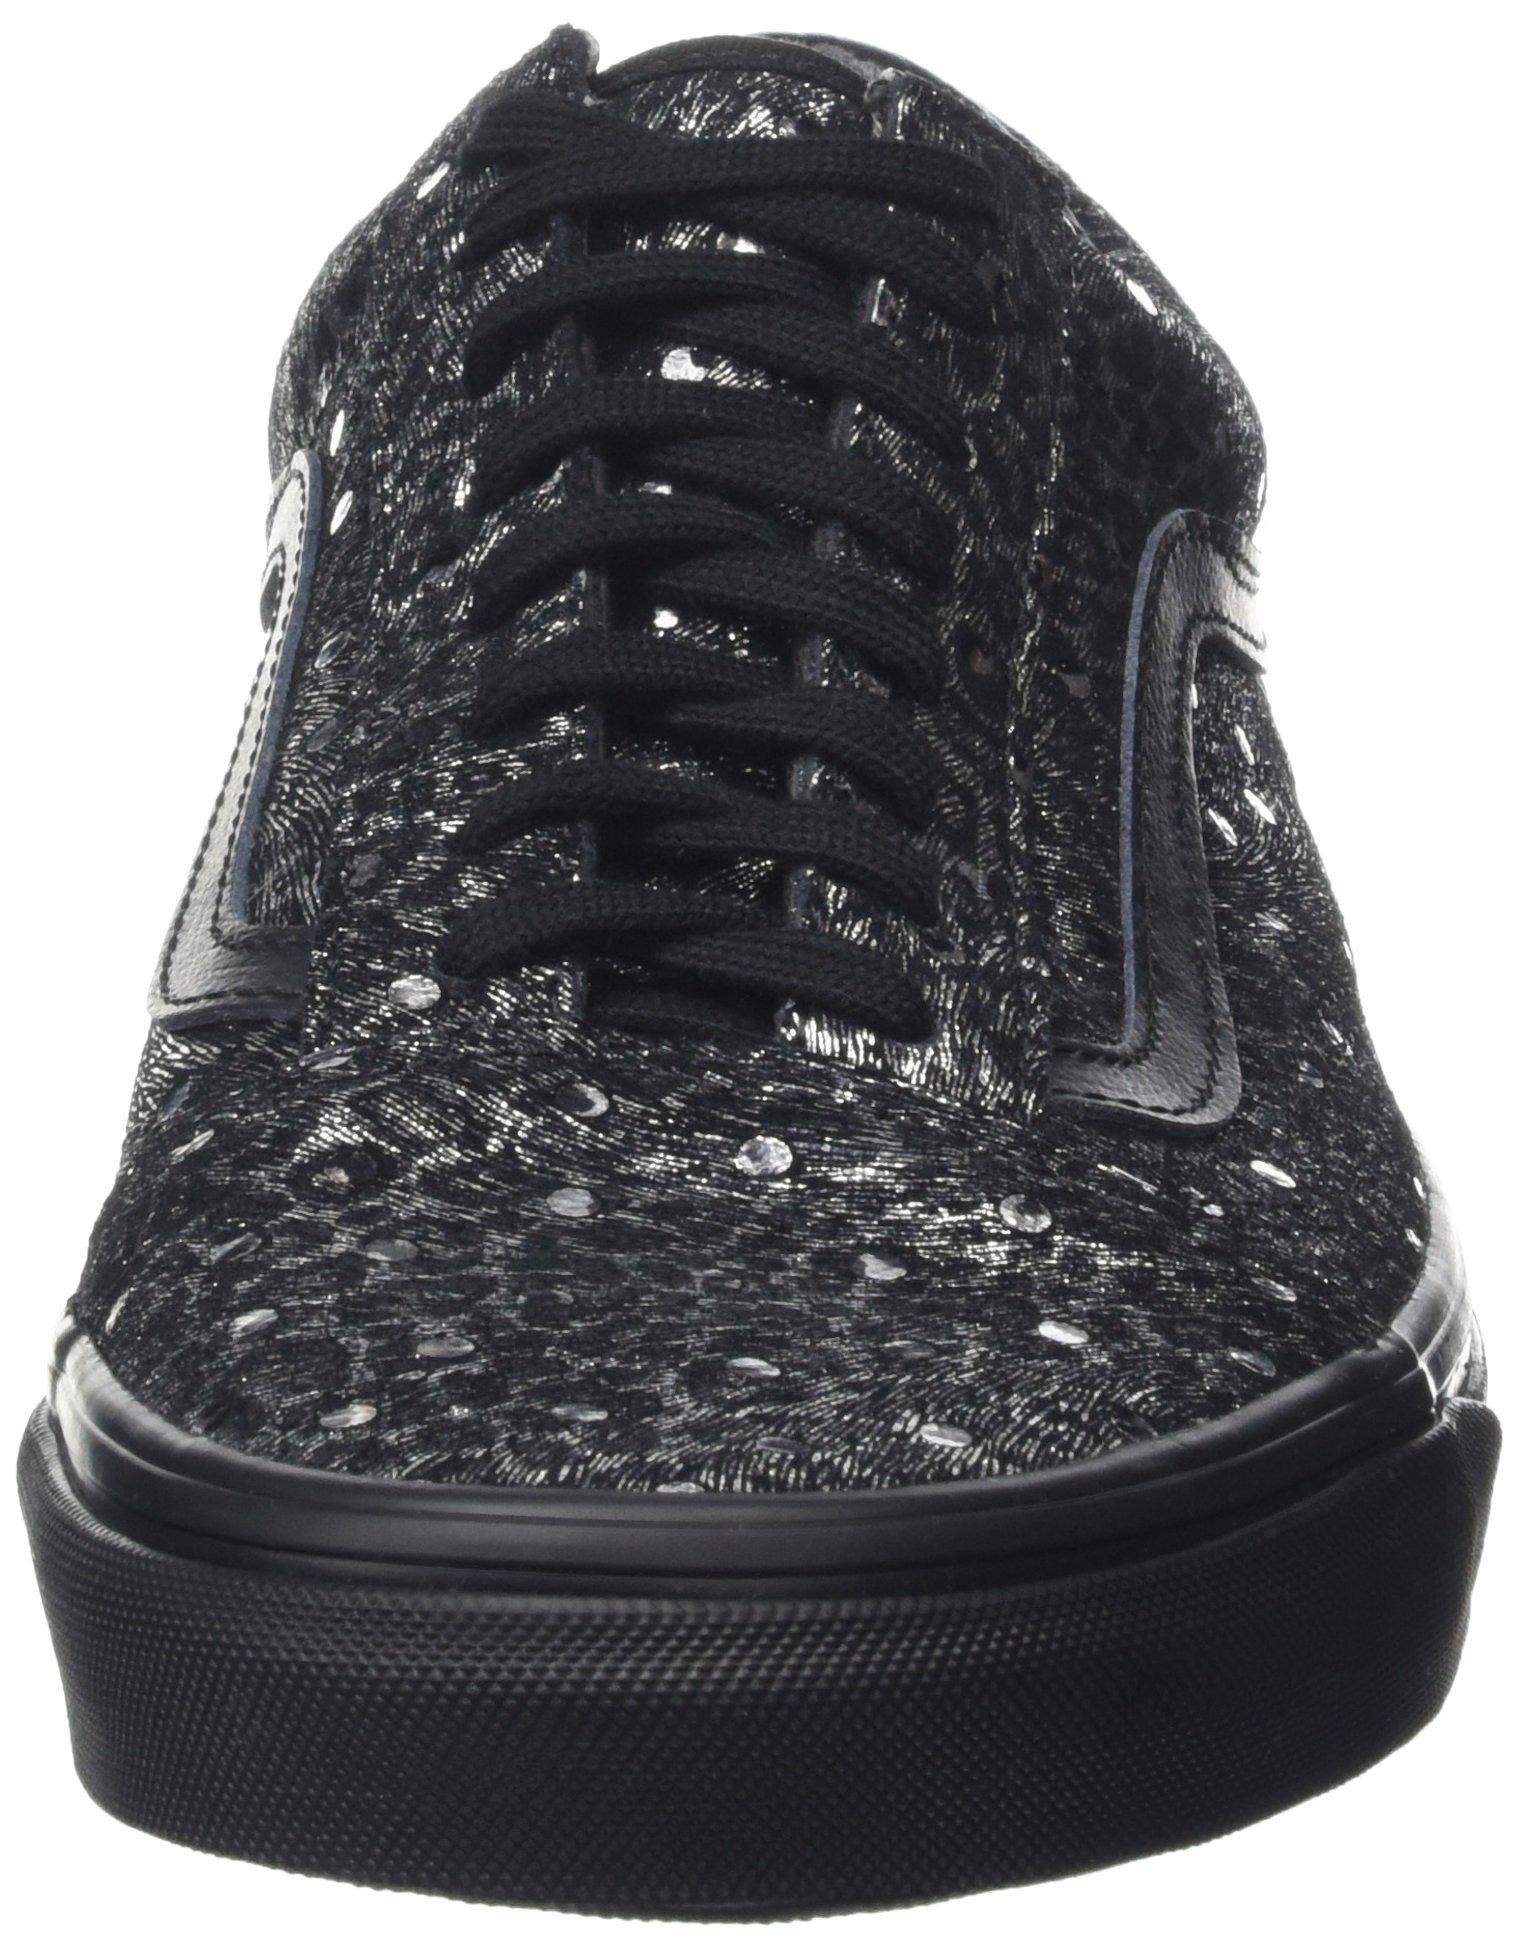 Vans Unisex Old Skool Skate Sneakers (8) by Vans (Image #4)